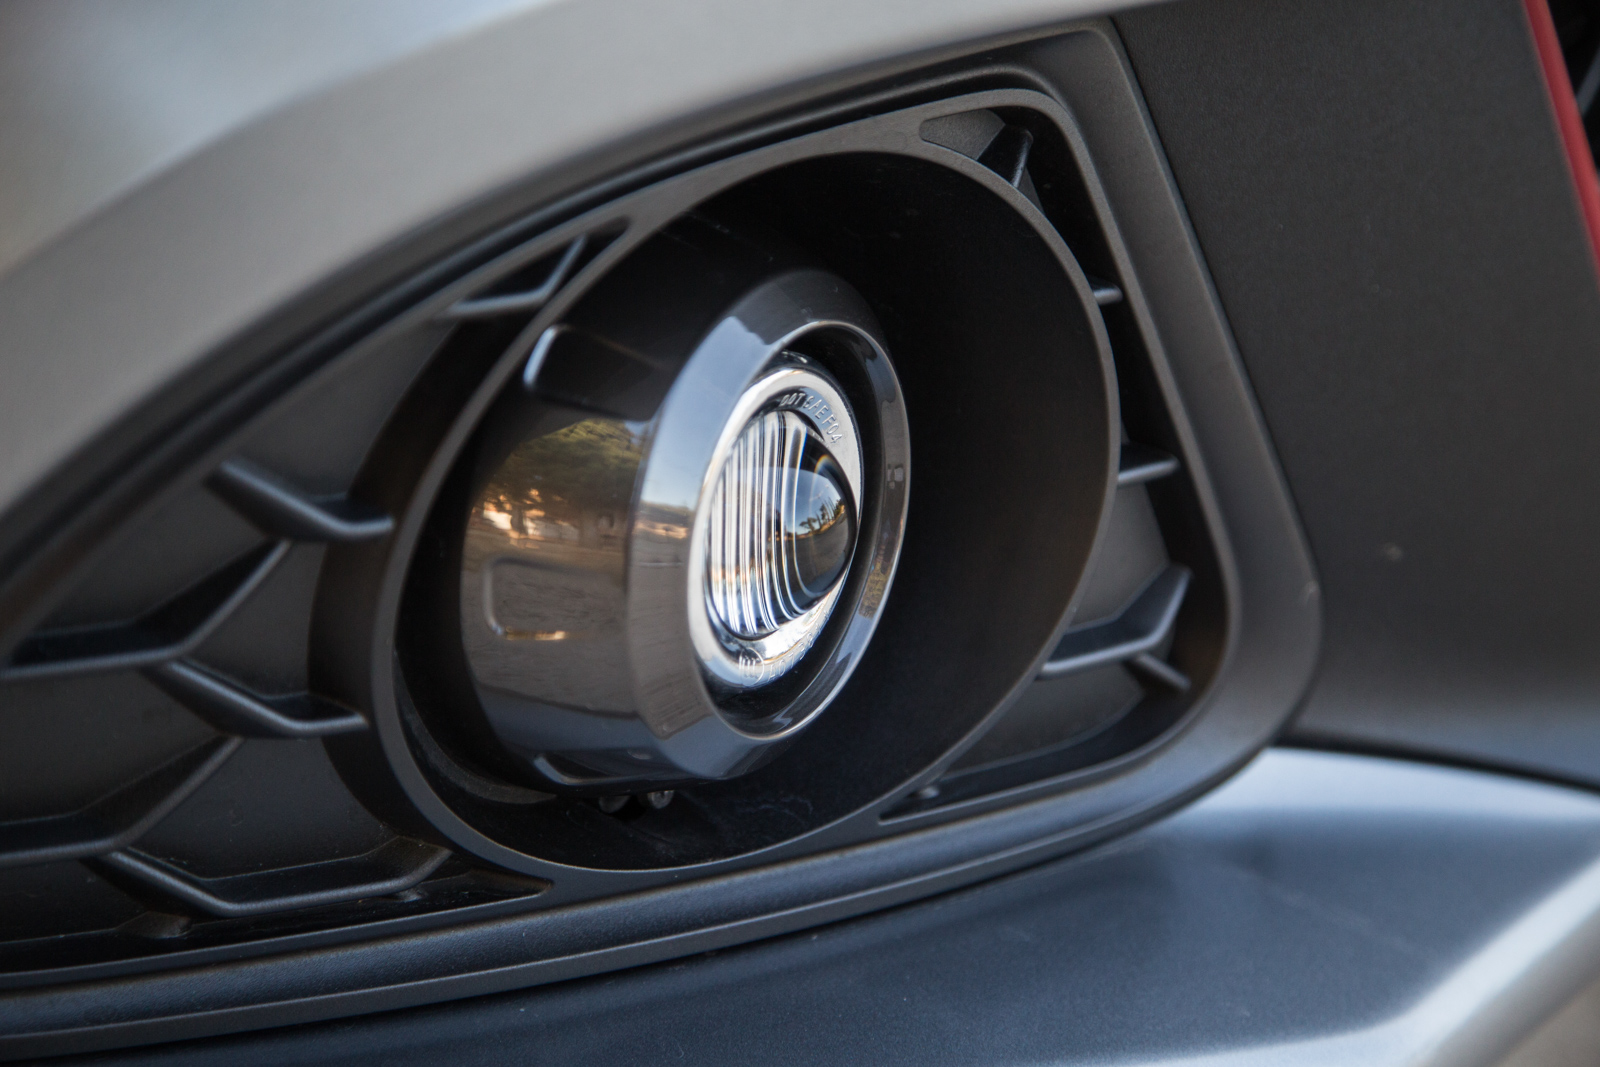 Test_Drive_Alfa_Romeo_Giulietta_TCT_1.6_JTDM-2_15